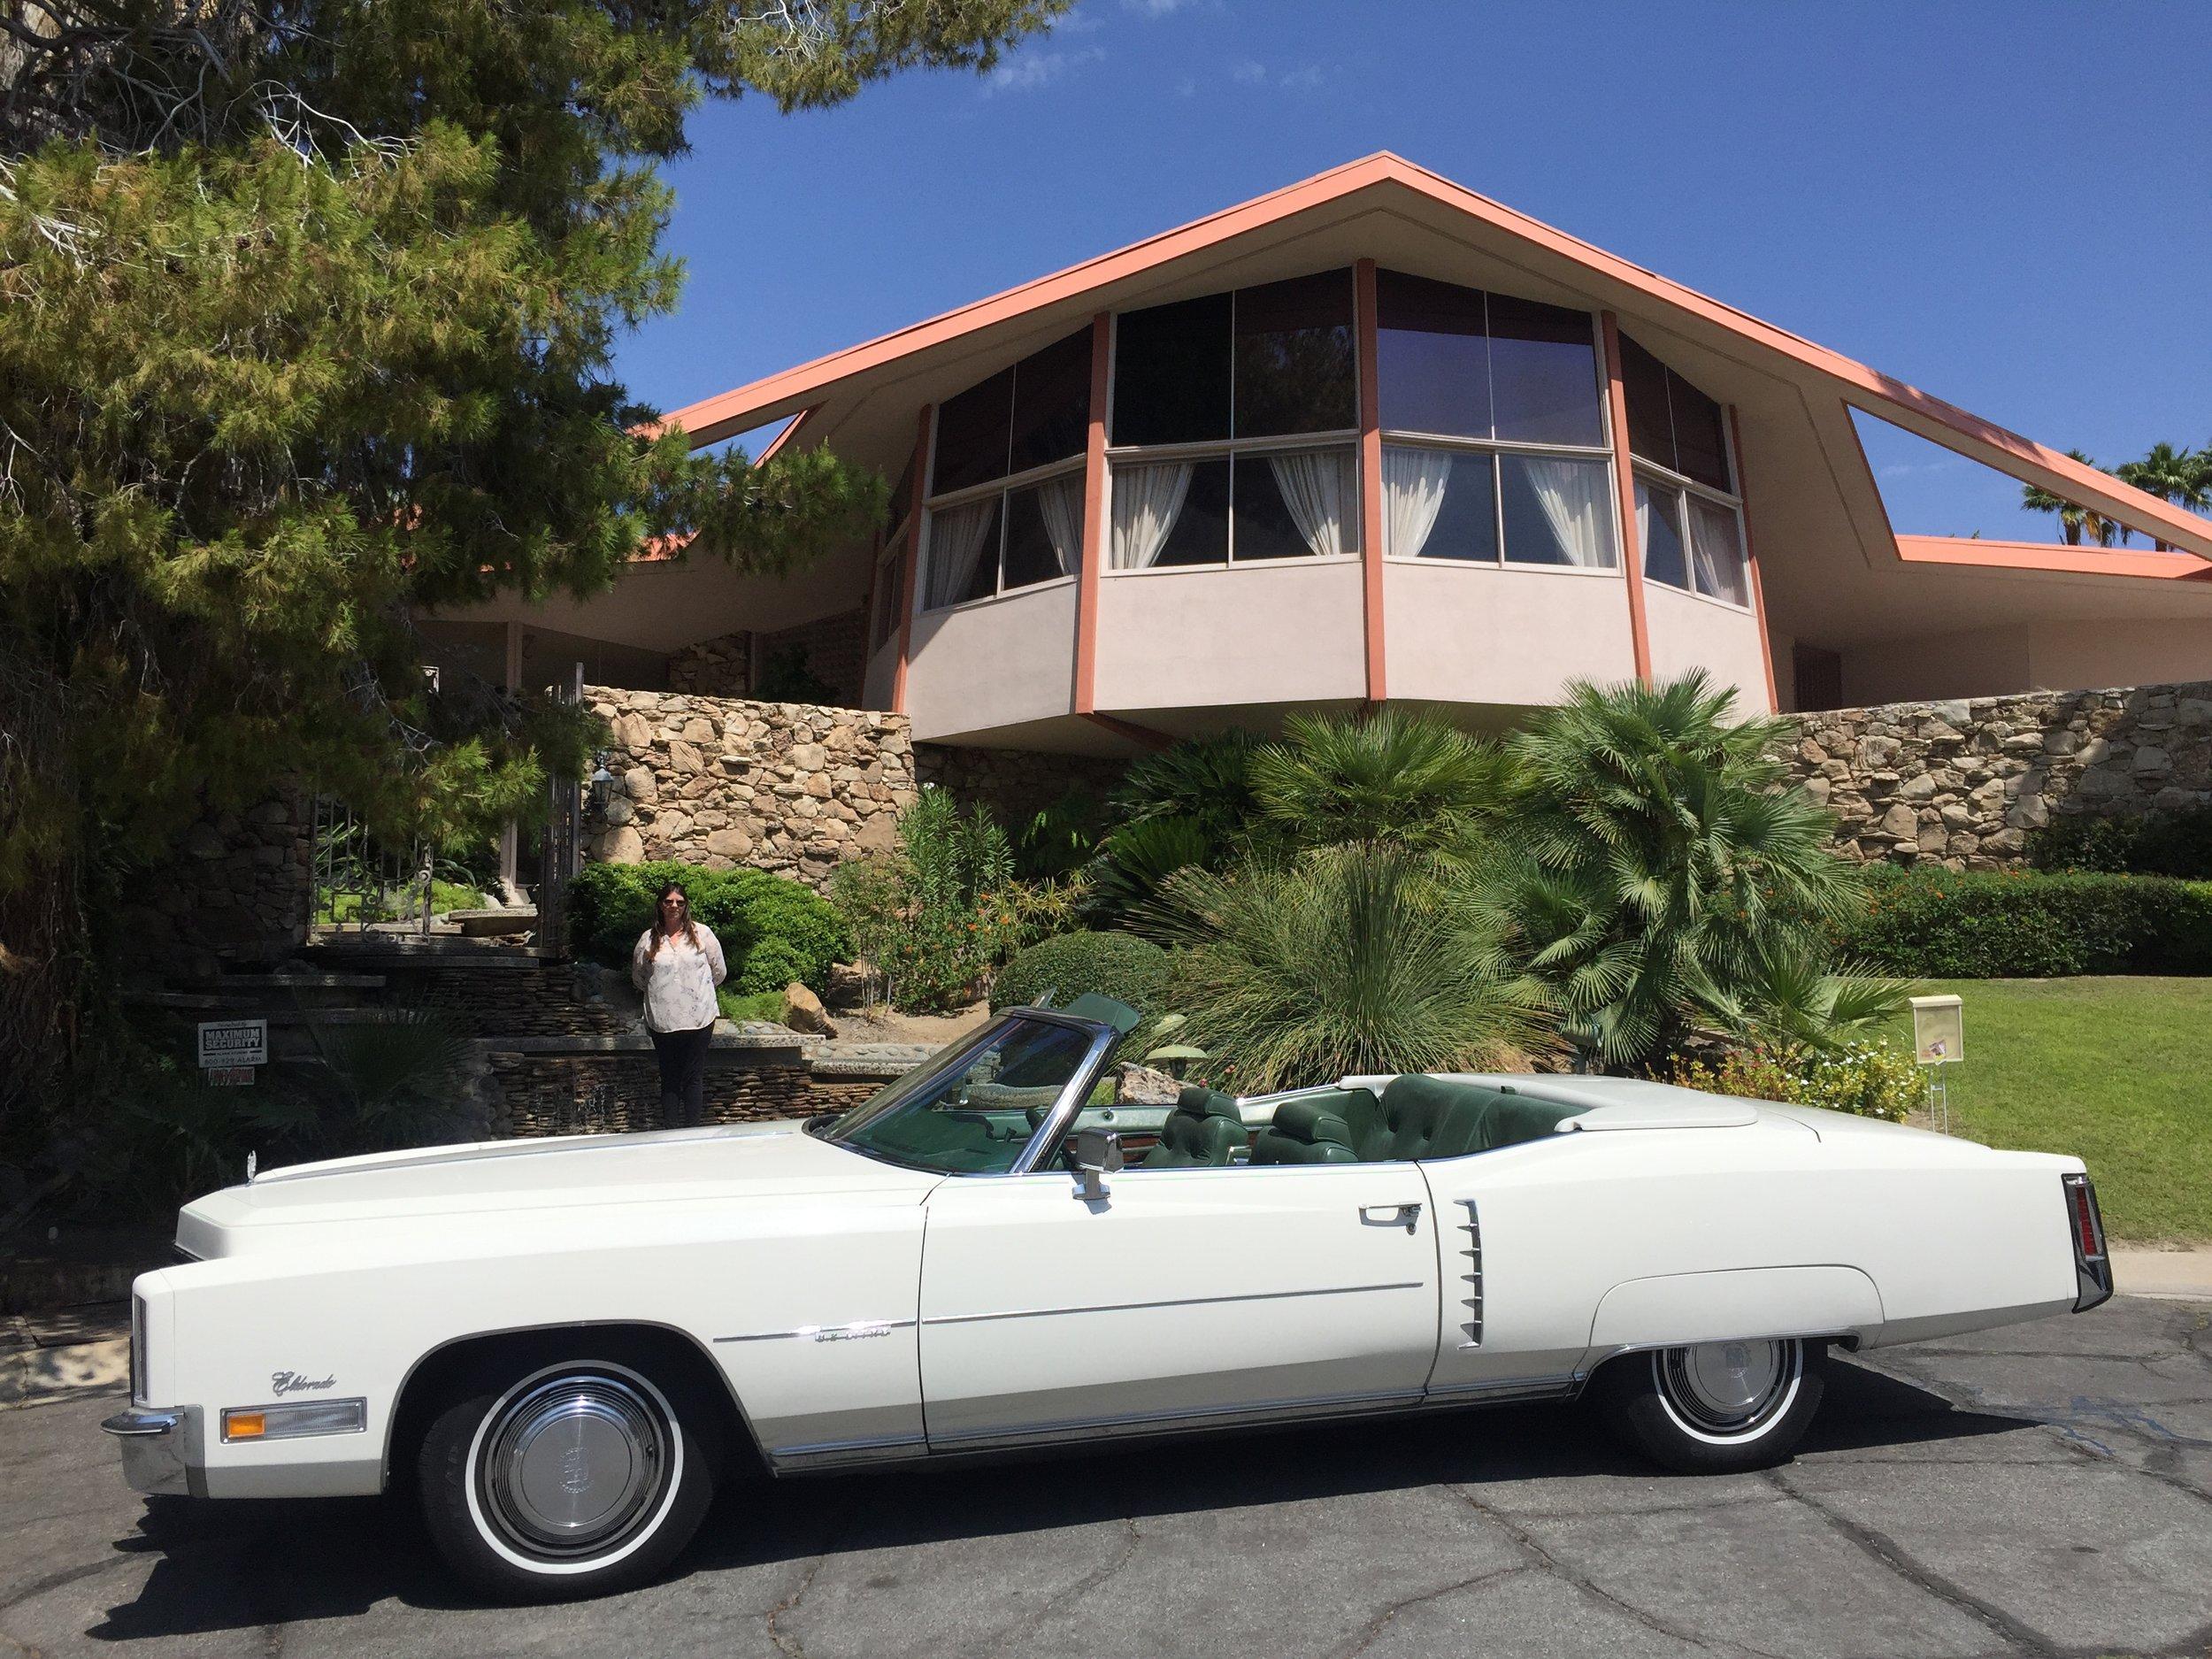 1972 Cadillac Fleetwood Eldorado 1972 Cadillac Fleetwood Eldorado Convertible